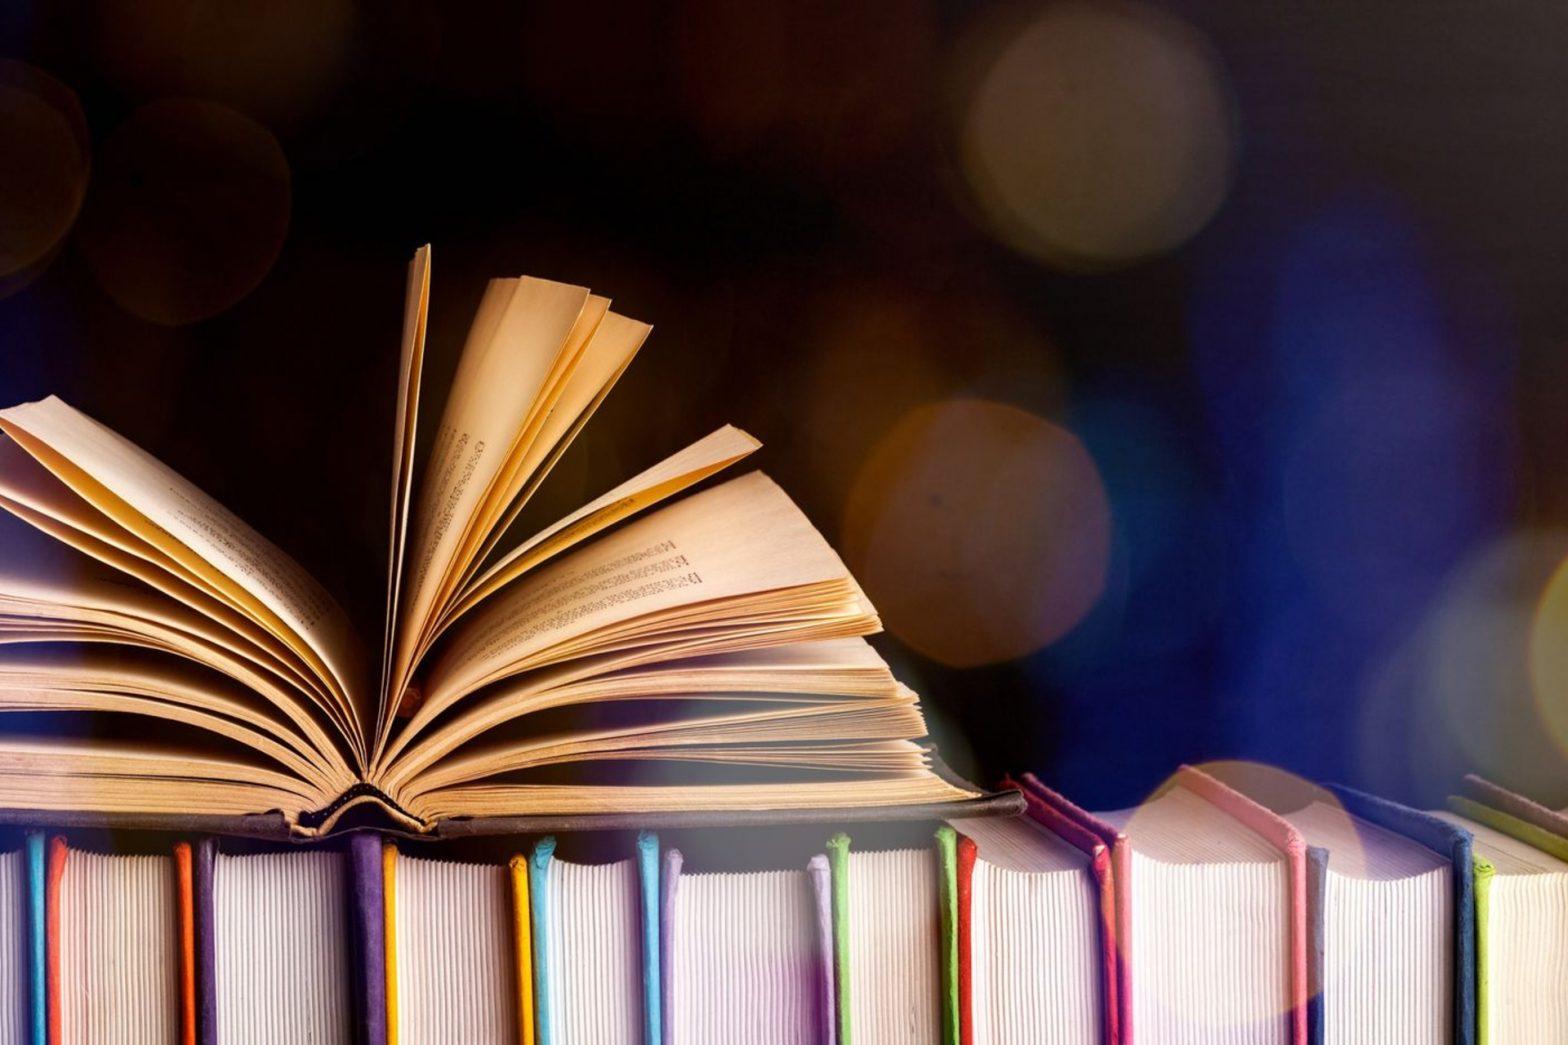 Librerie: fino al 29 ottobre domande per il Tax credit 2021